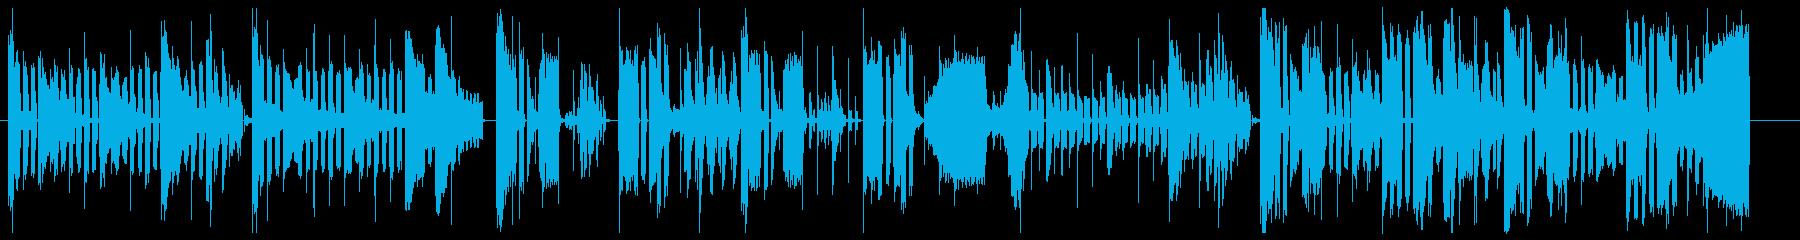 無調律で不思議な響きのBGMの再生済みの波形